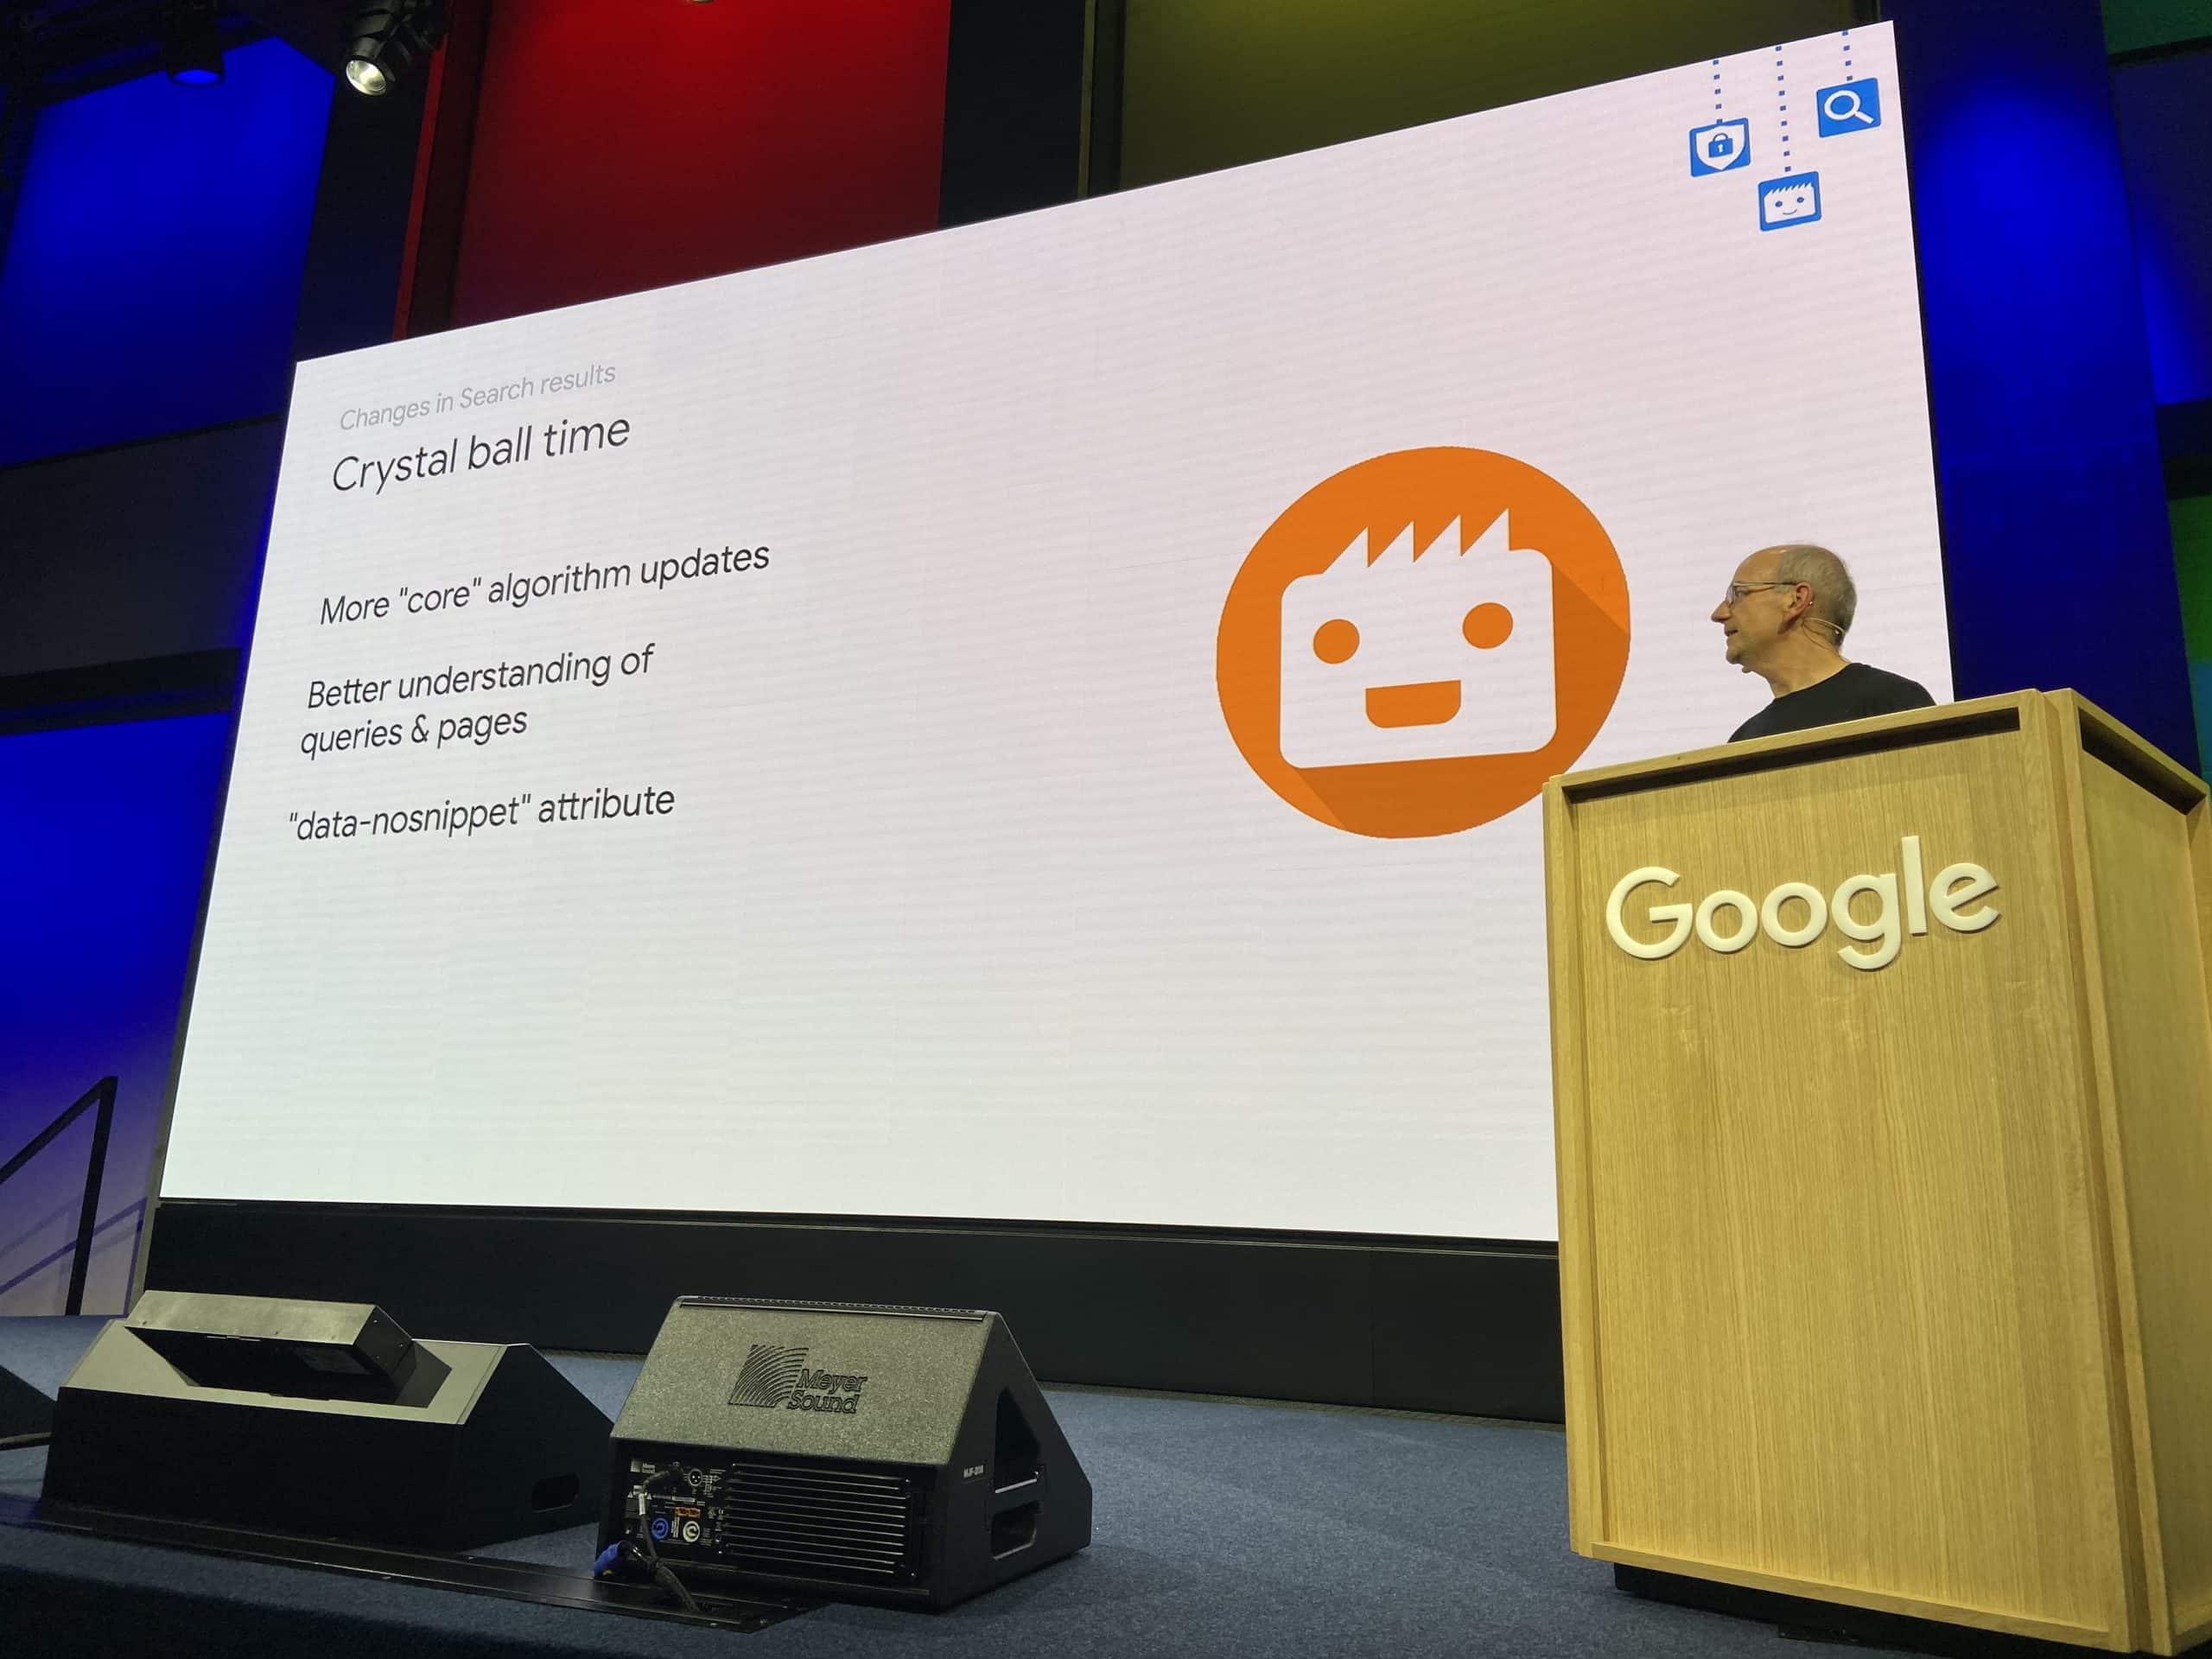 Google predictions from John Mueller for 2020